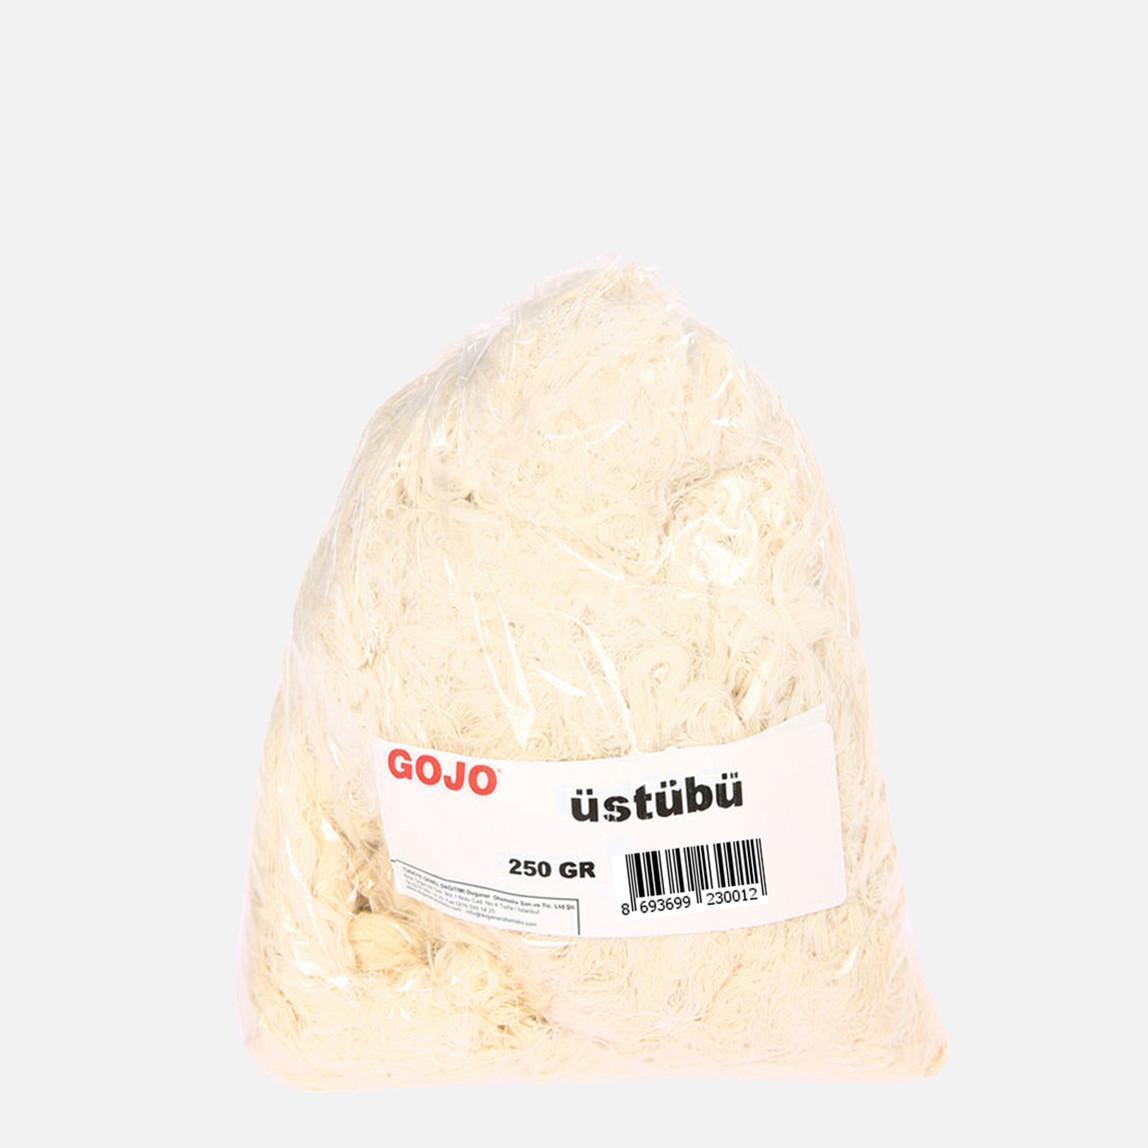 Gojo 250 gr Extra Üstübü